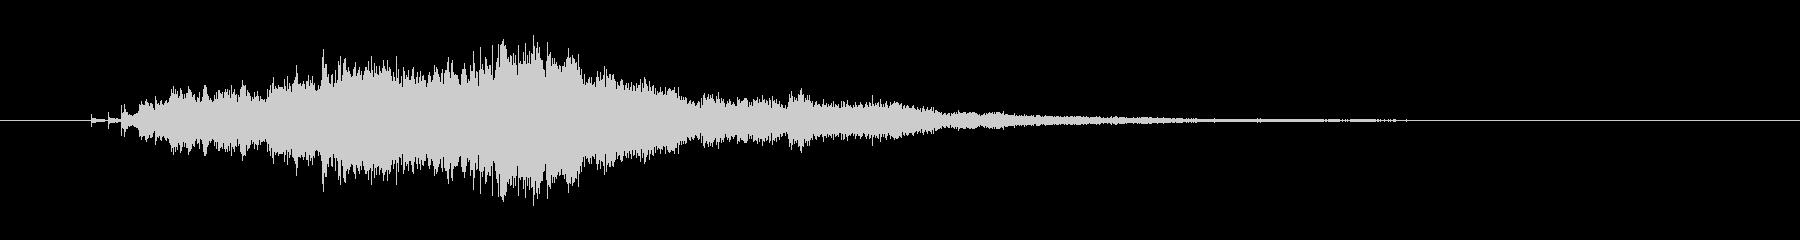 キラキラ(心おどる時などの効果音)の未再生の波形